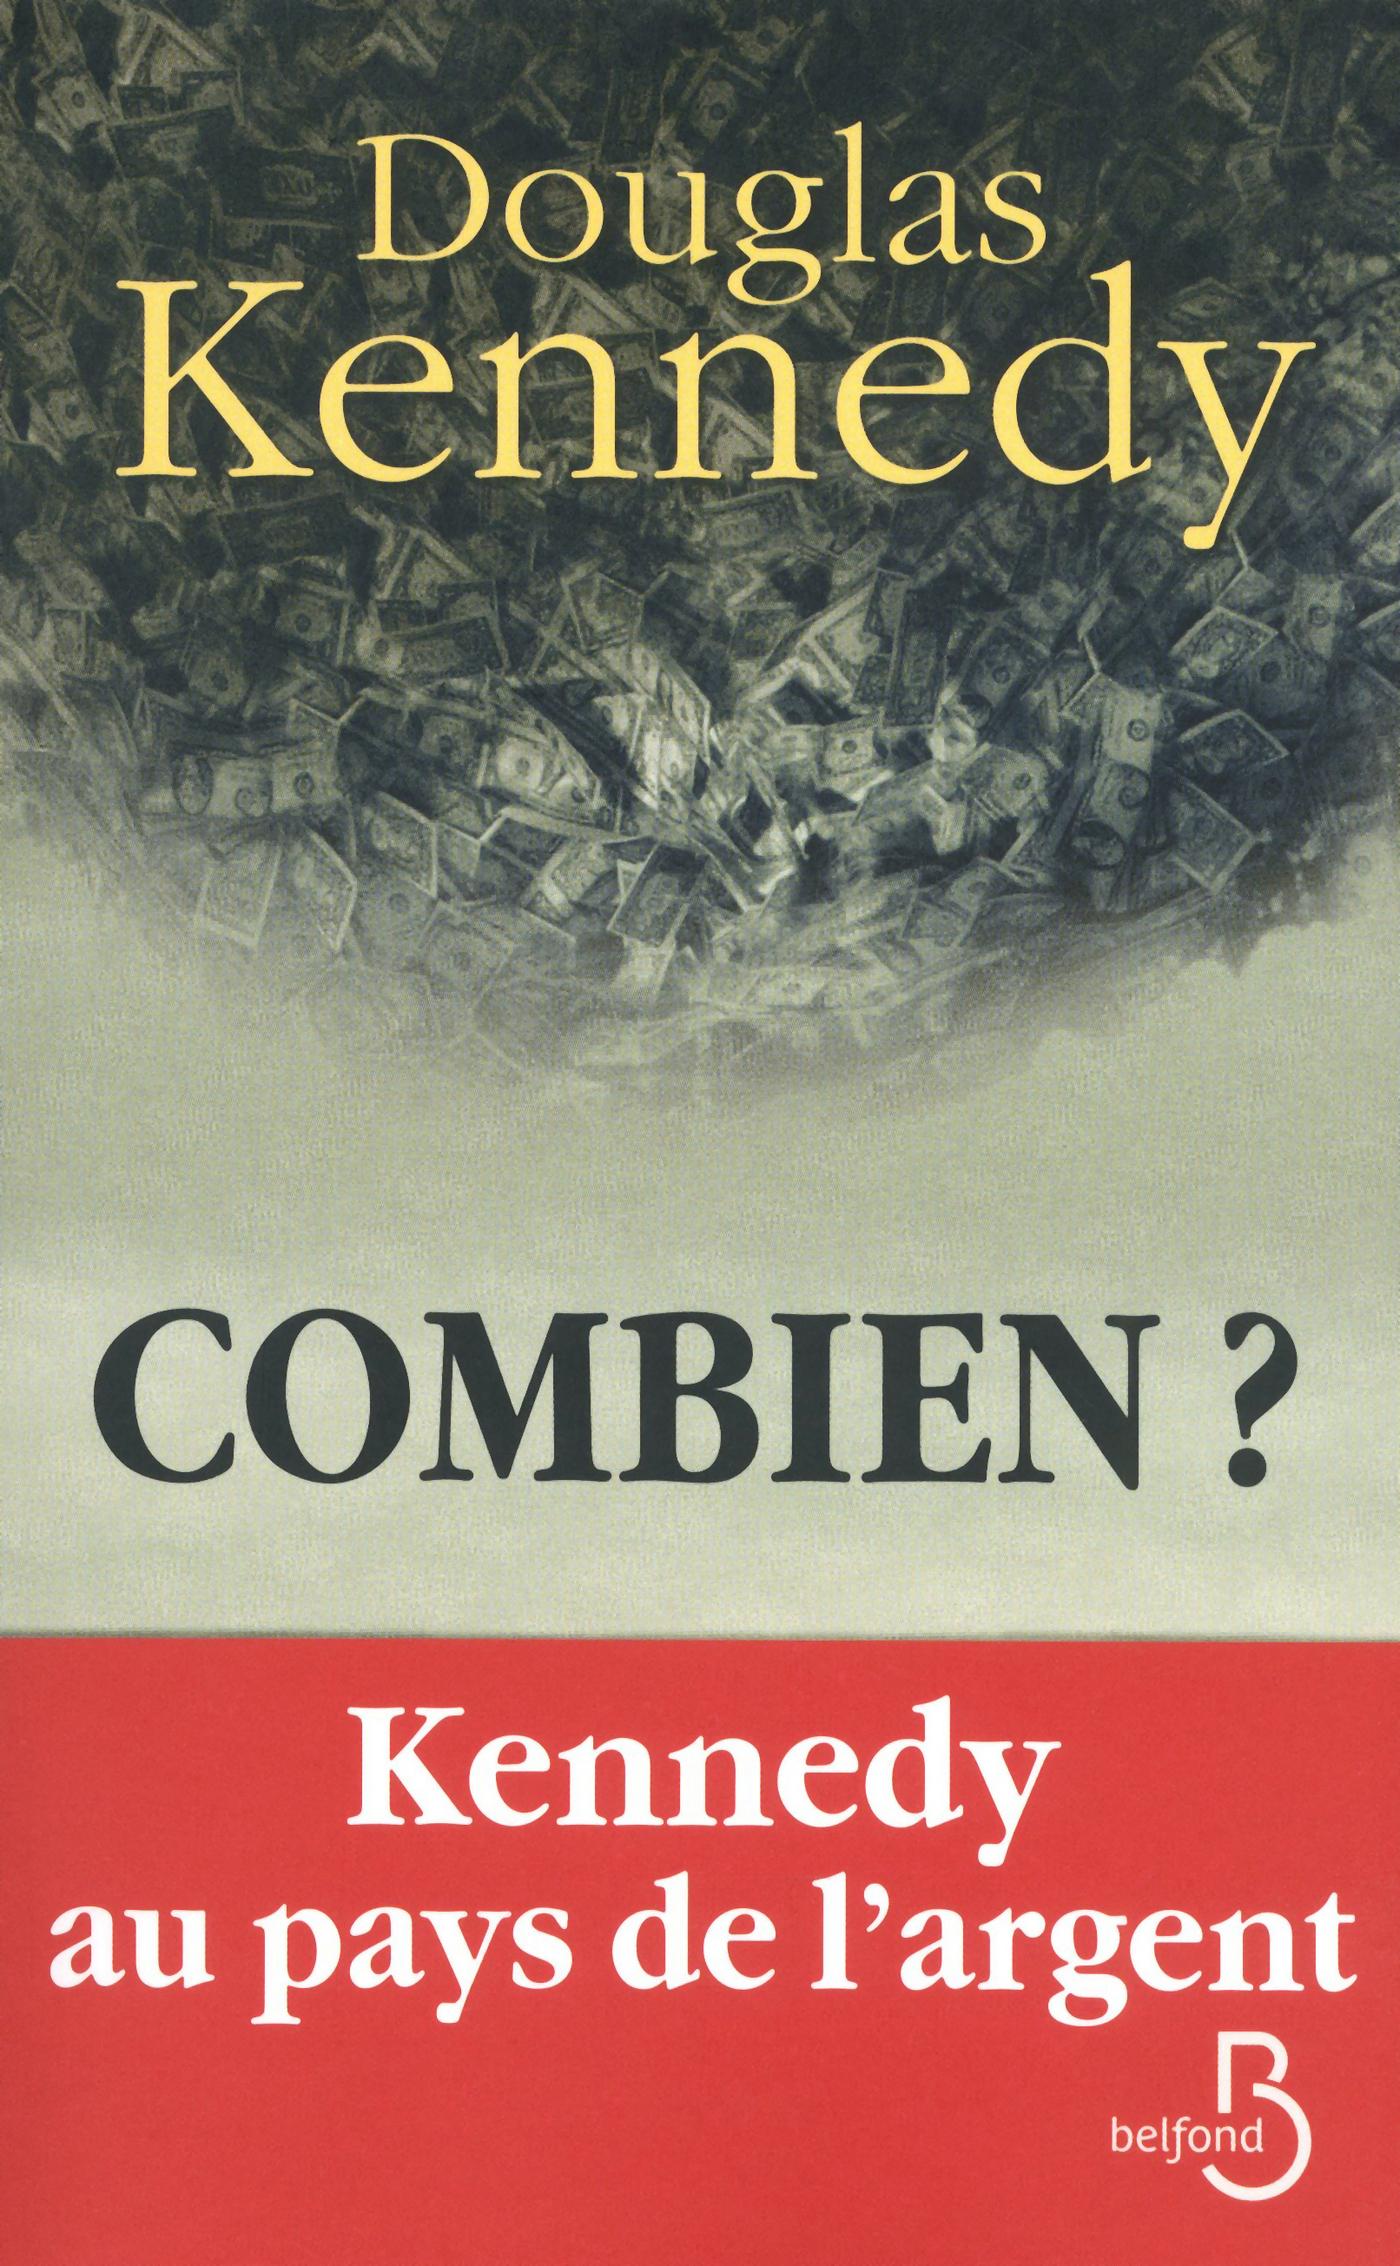 Couverture : Combien ? Douglas Kennedy